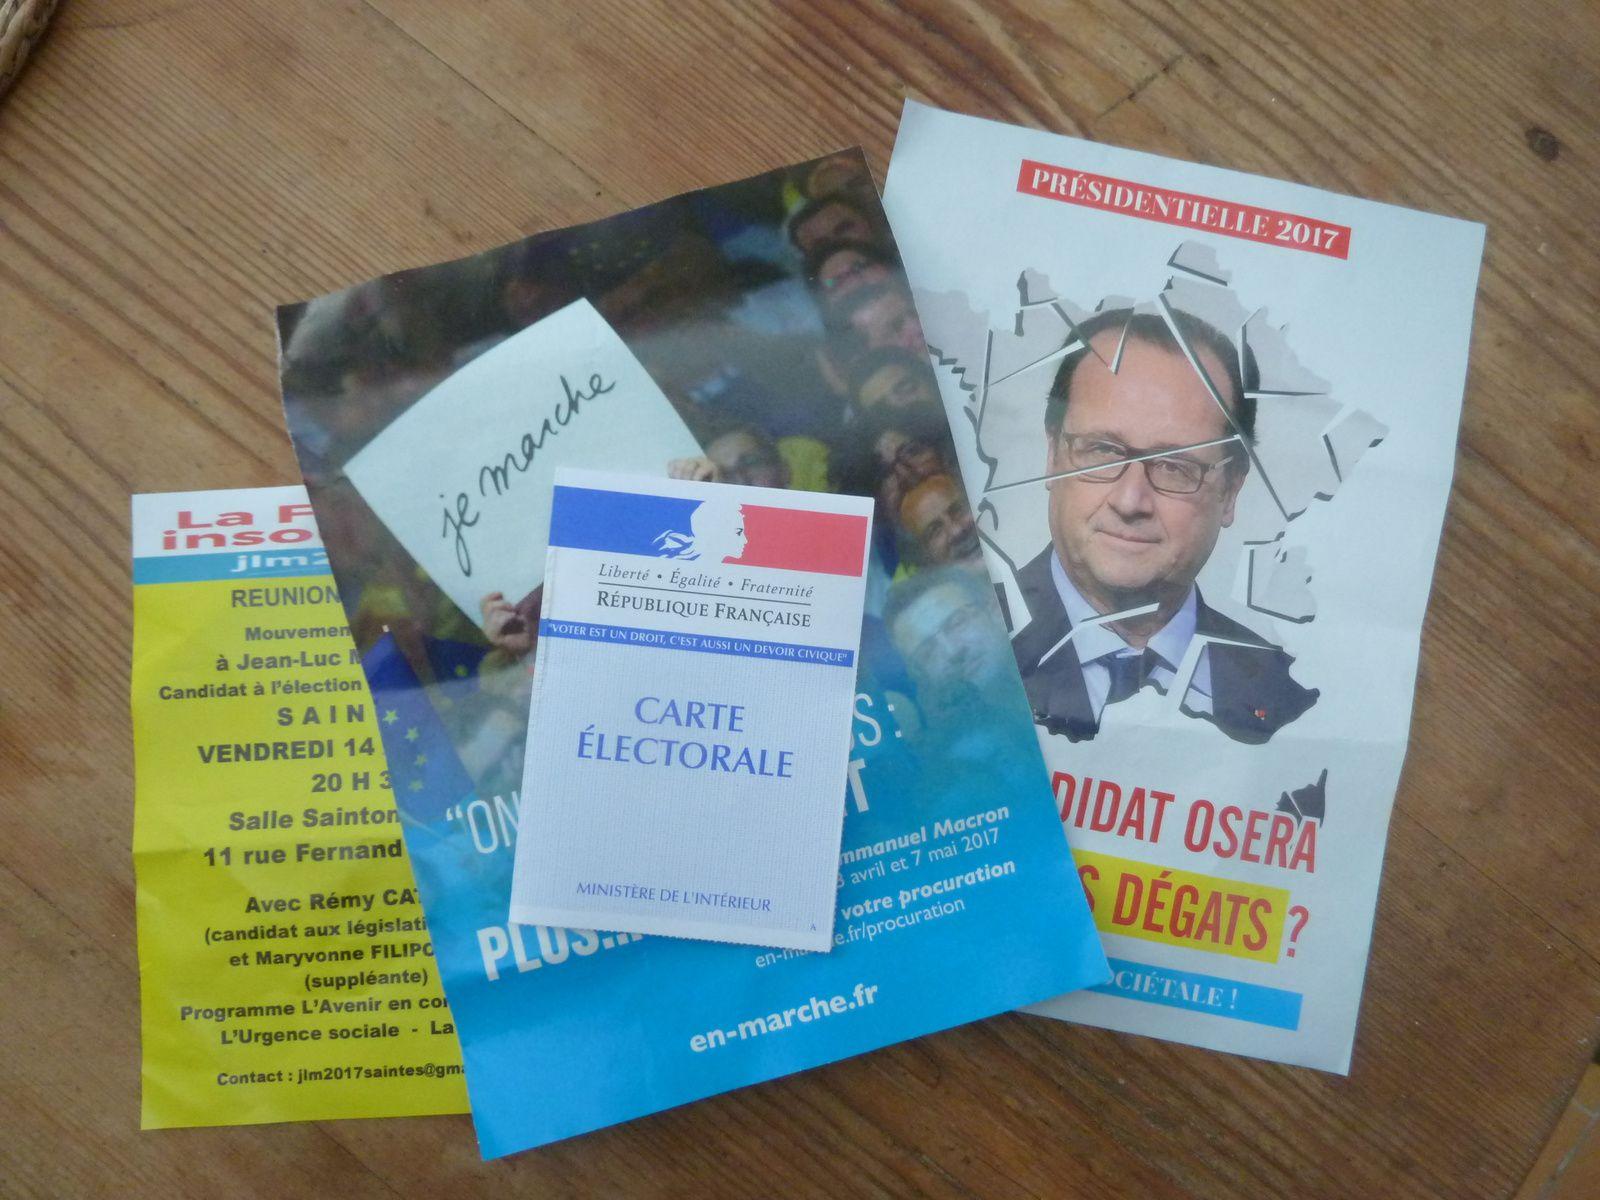 """Notes: la carte d'électeur a été posée sur les tracts pour un équilibre de ceux présentés. Maintenant petit voyage dans la """" saga-passion """" de l'auteur de Culture-histoire.... crash avion et traçabilité, dernières nouvelles"""